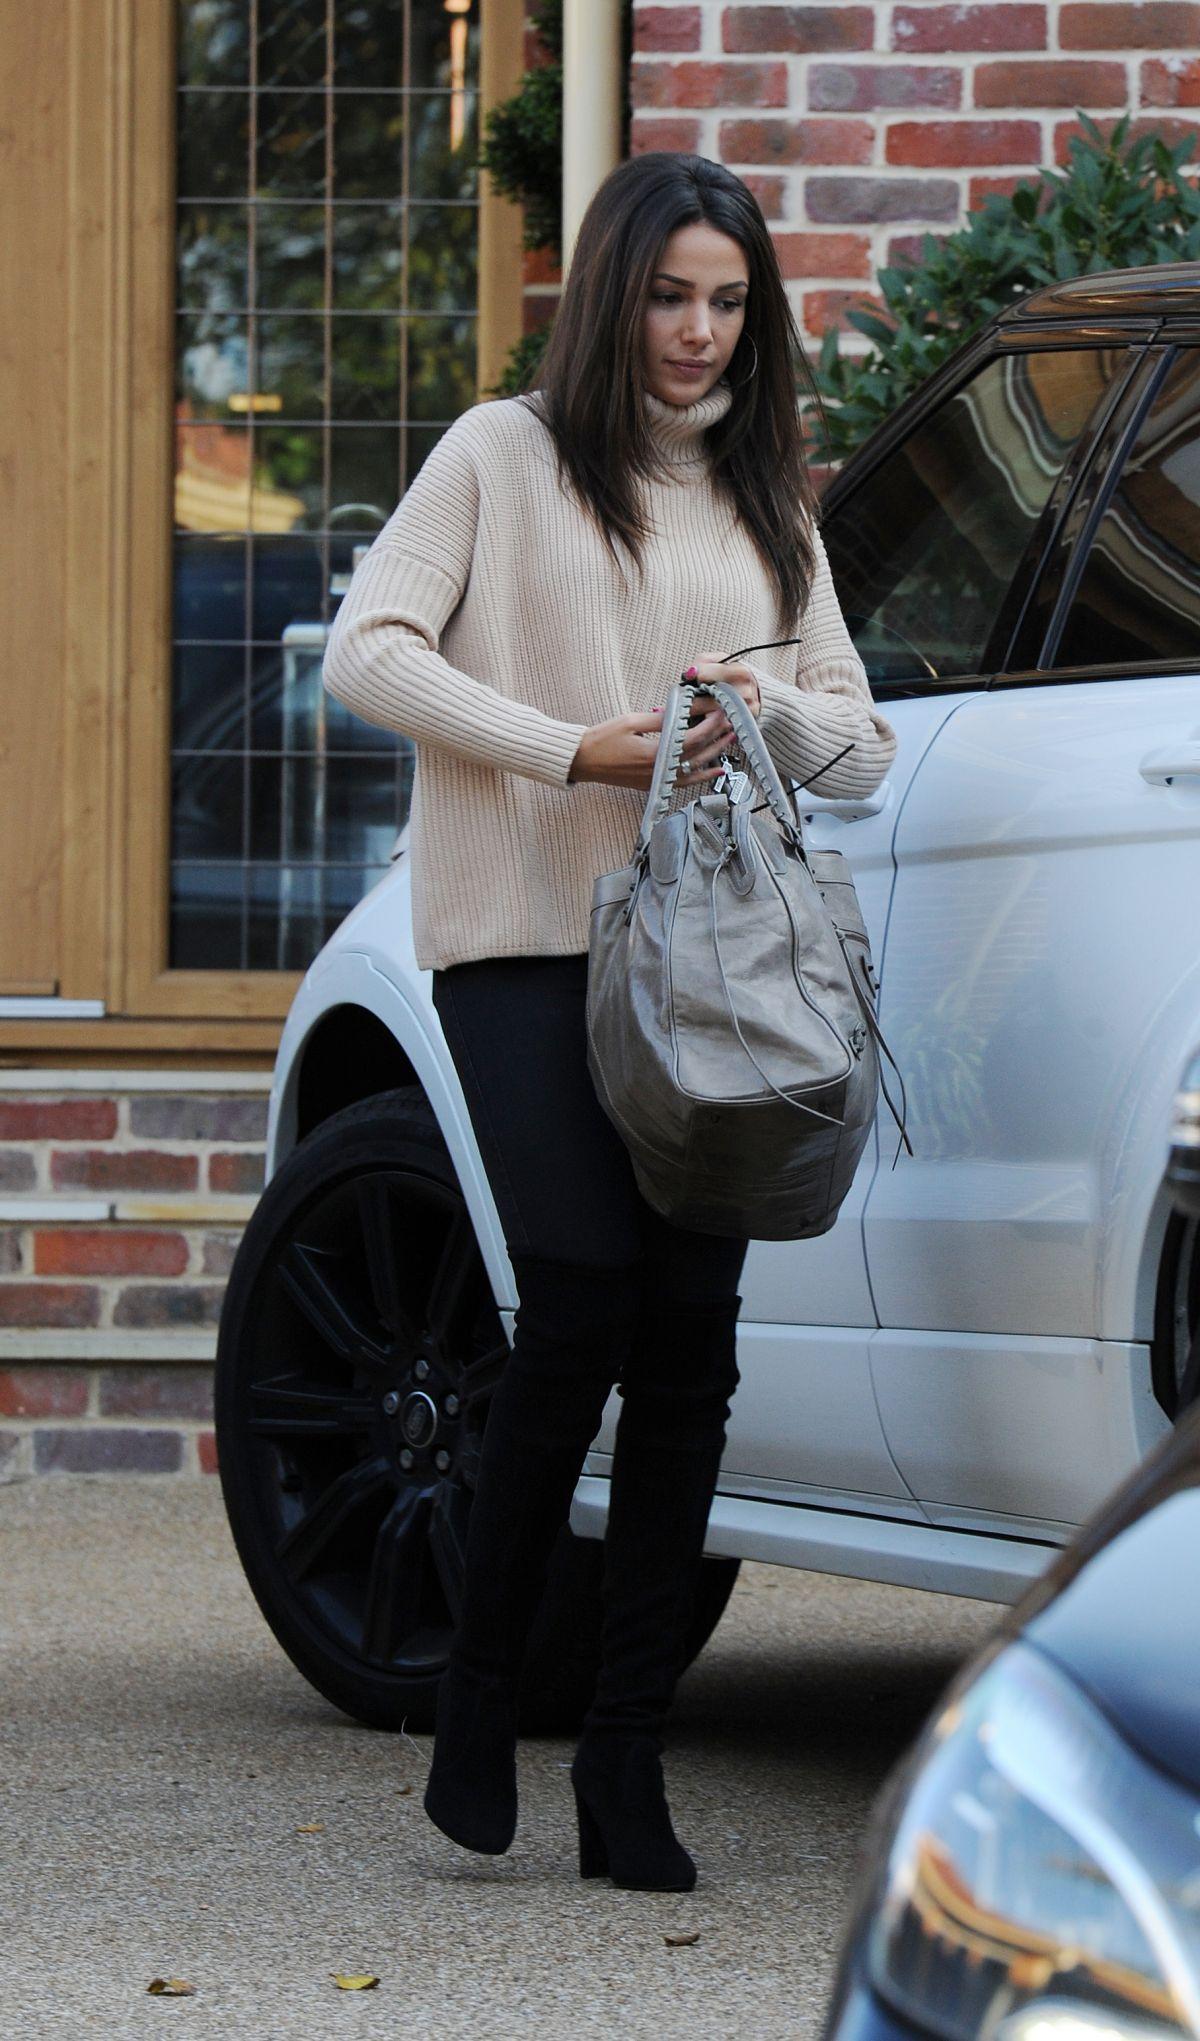 MICHELLE KEEGAN Leaves Her Home in Essex 10/12/2015 ...